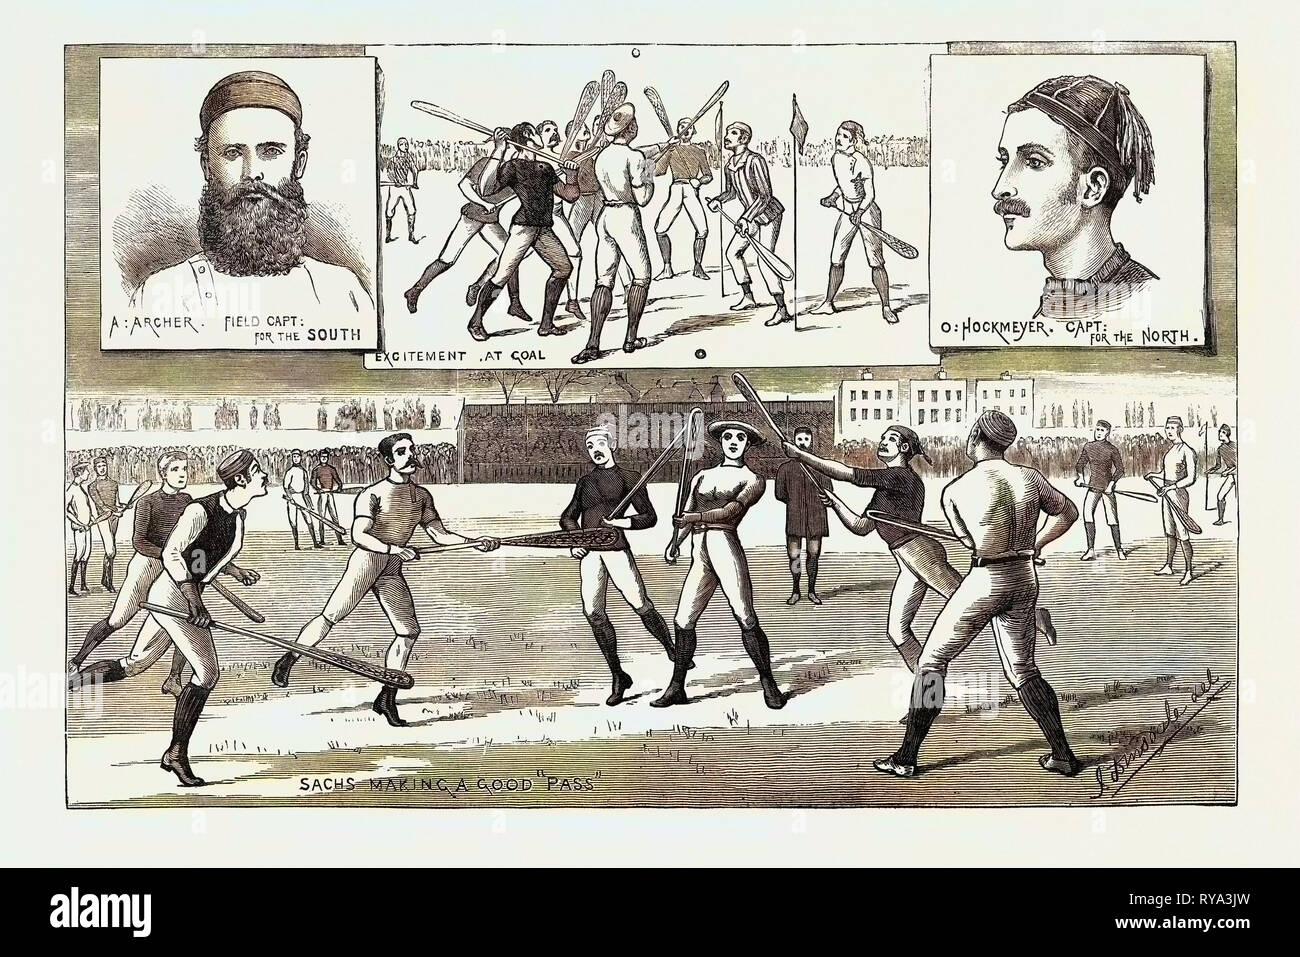 La Crosse match disputato lo scorso sabato a Kennington Oval, dall'Inghilterra del Nord contro Sud, 1883 Immagini Stock